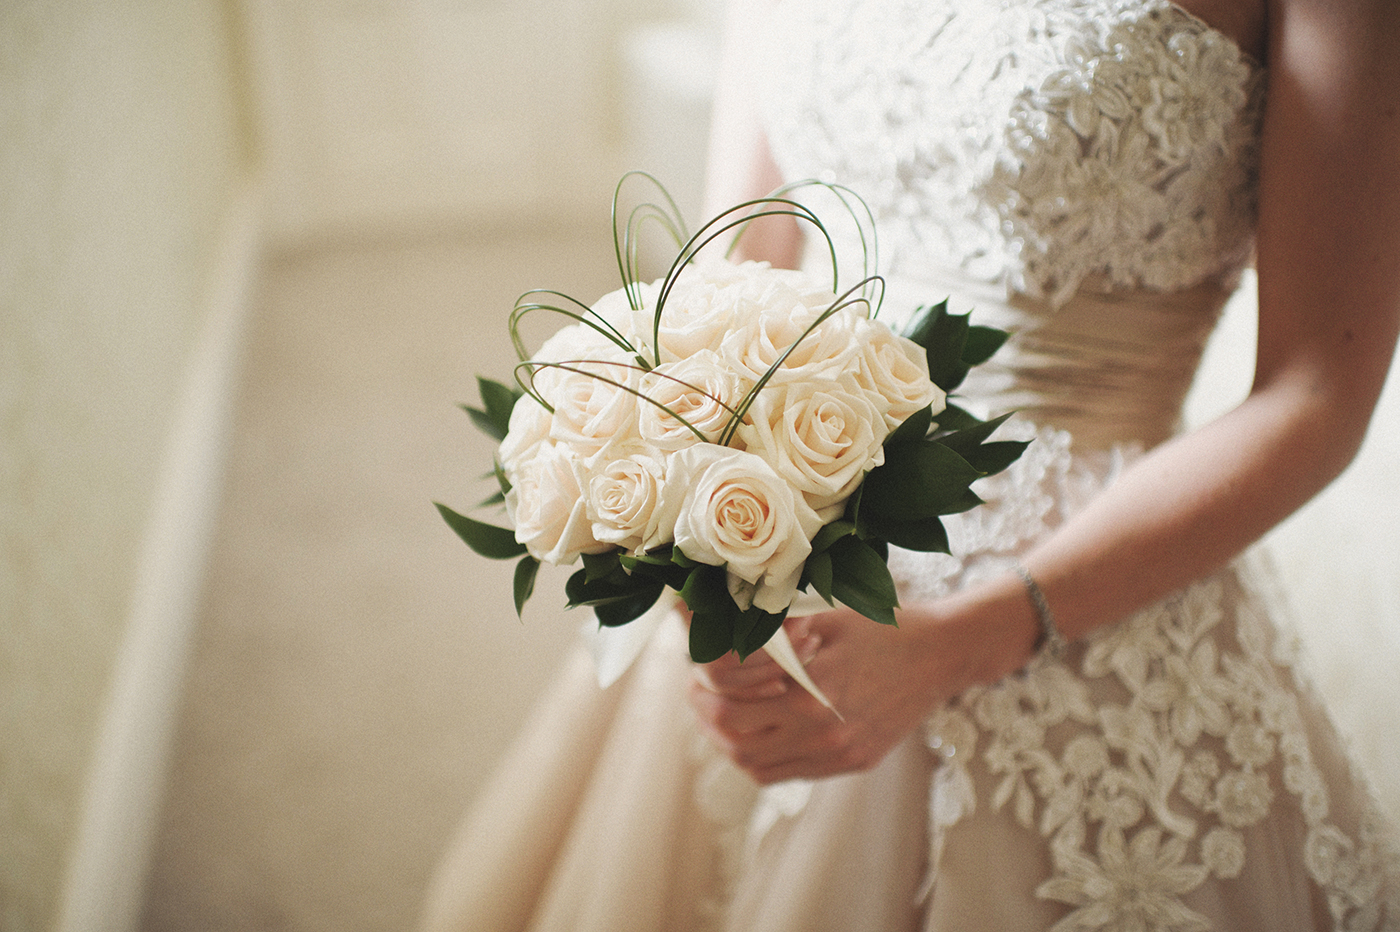 Te kaha wedding